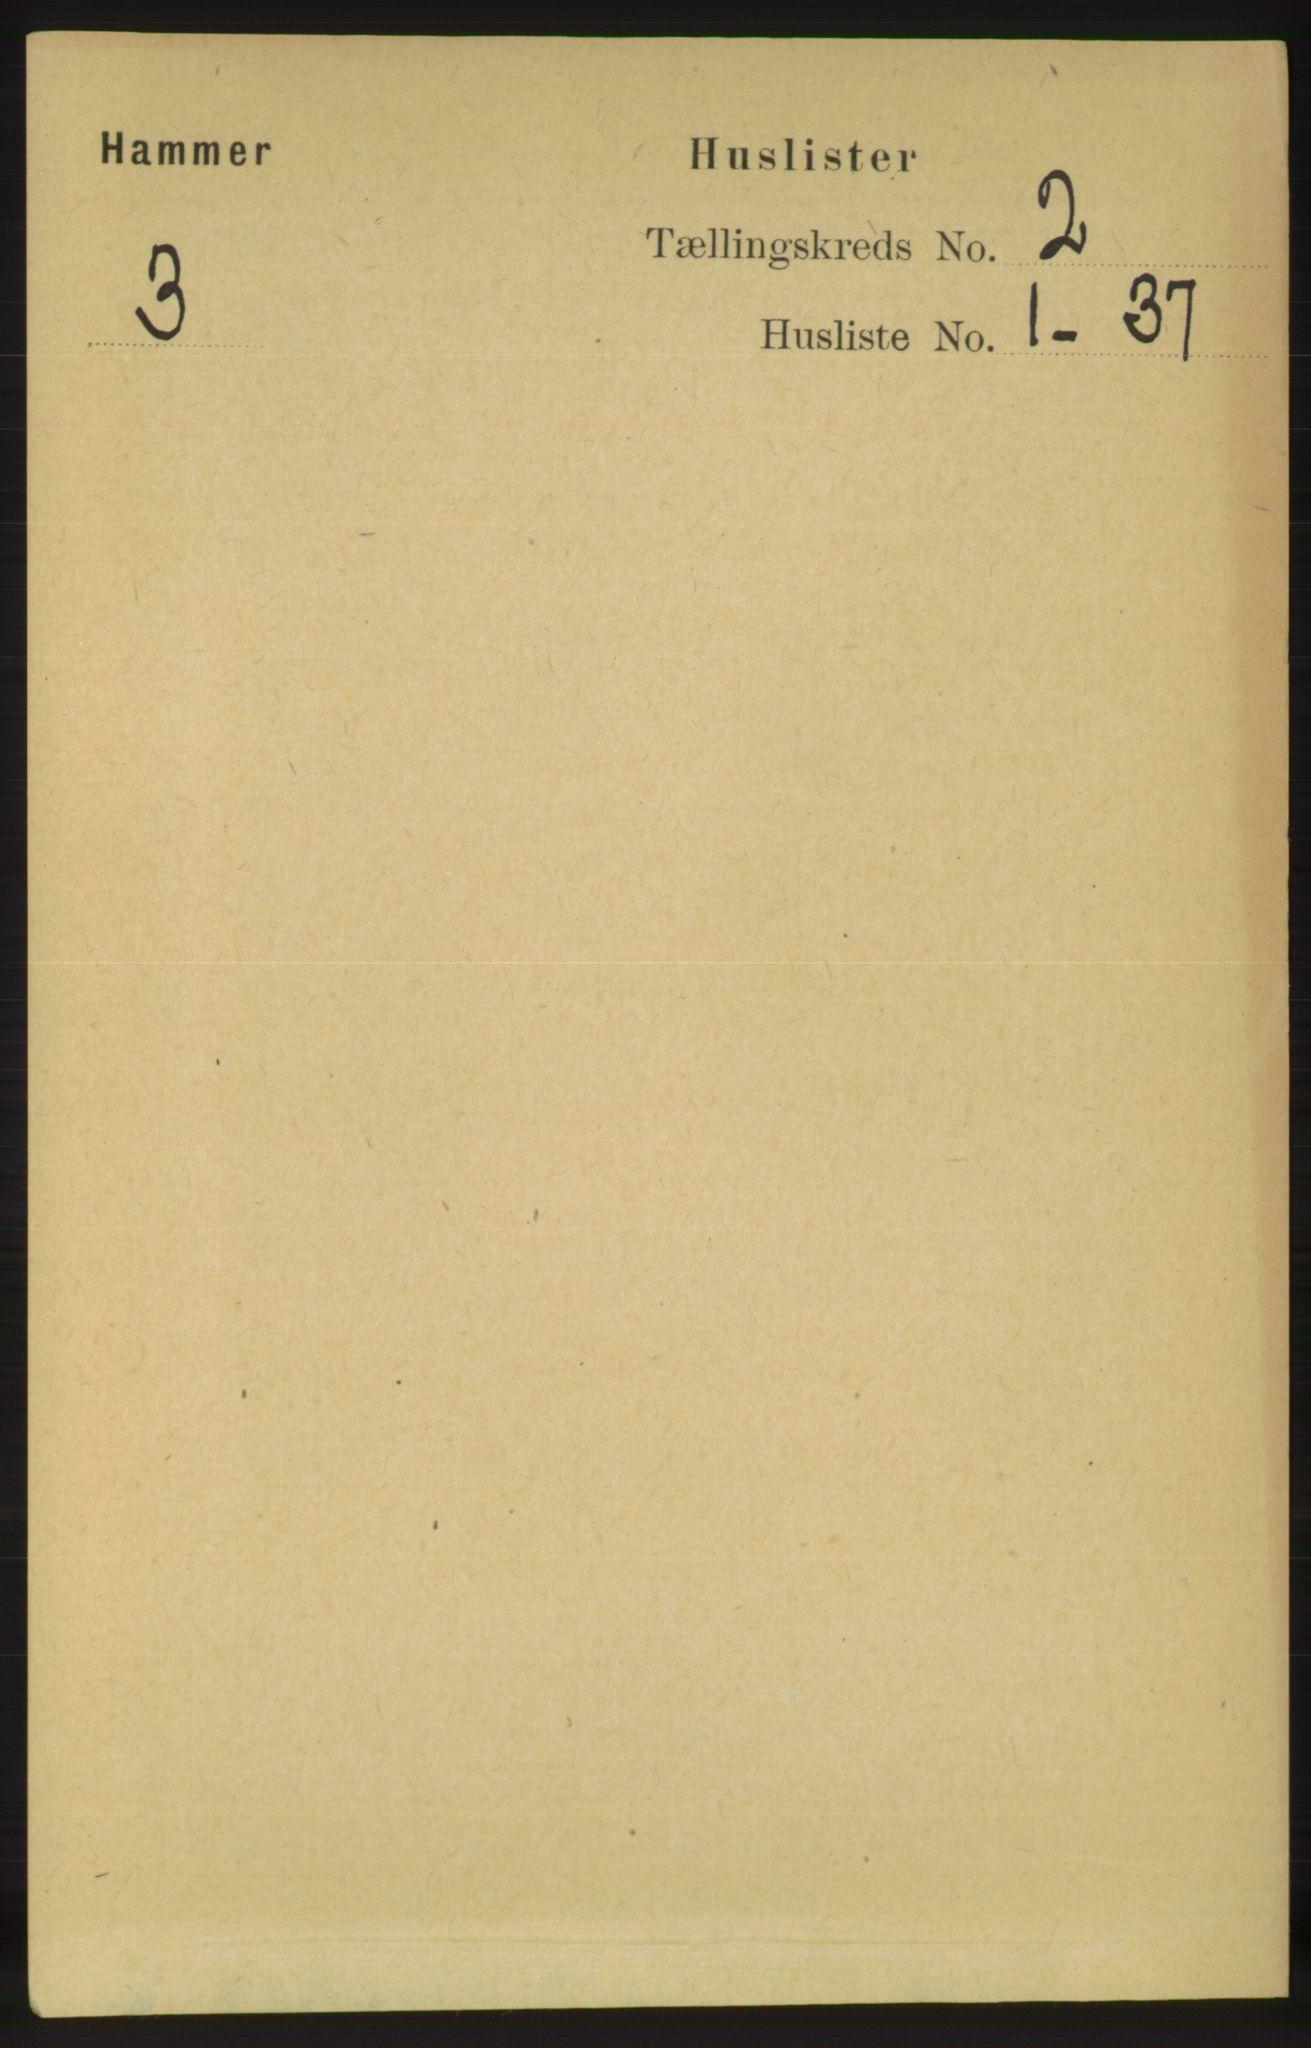 RA, Folketelling 1891 for 1254 Hamre herred, 1891, s. 186